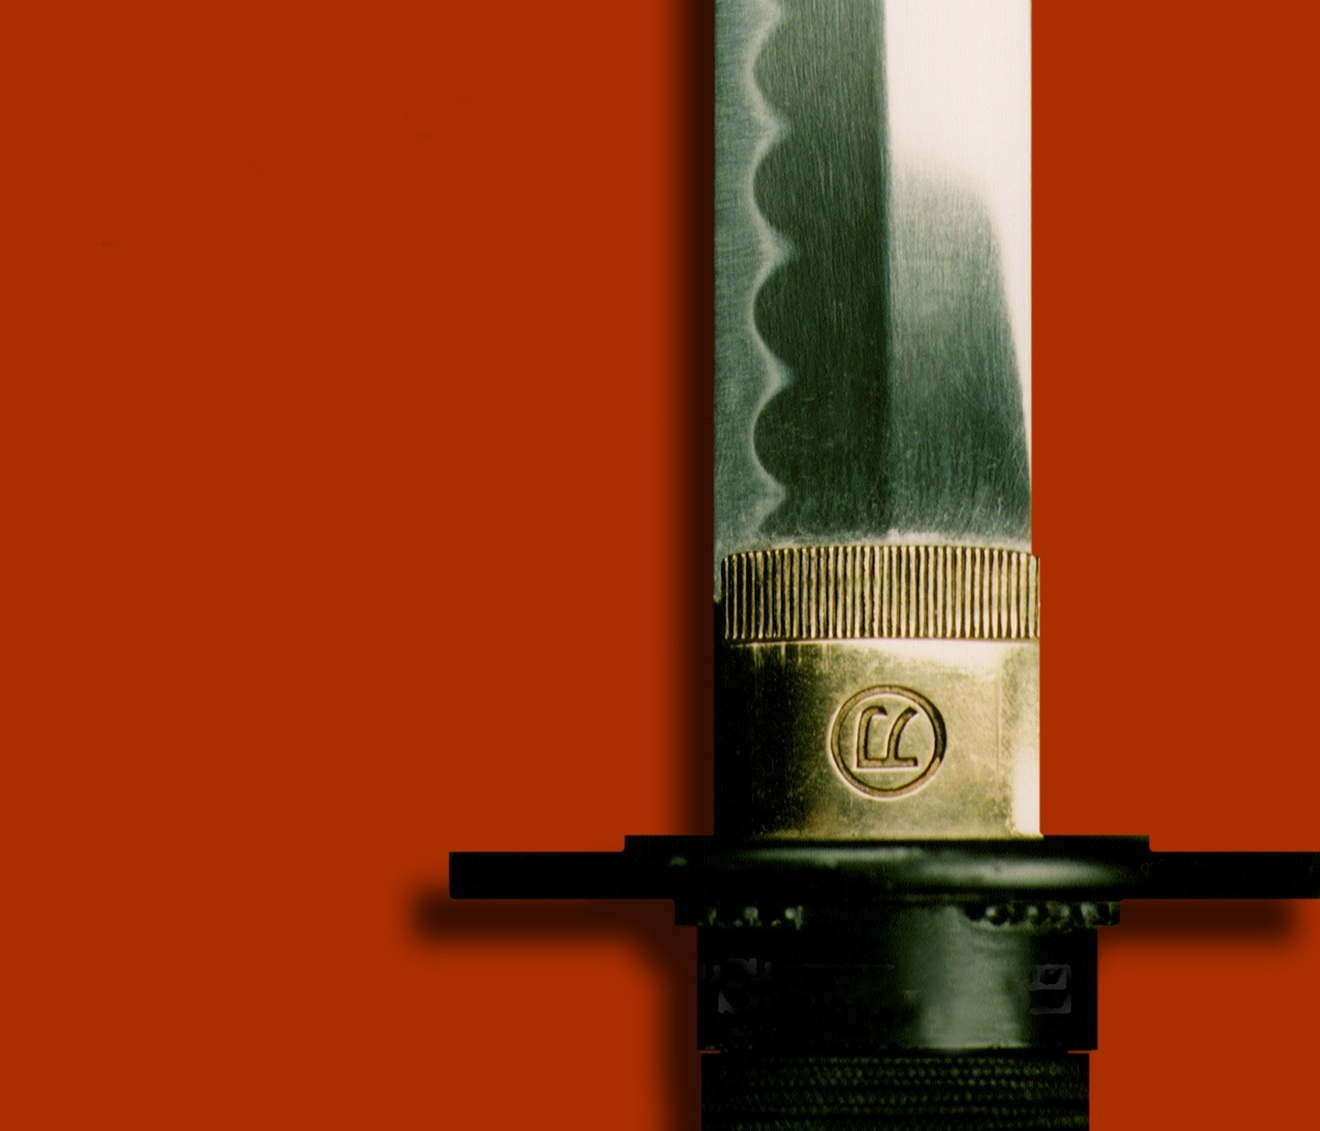 上田秀人おすすめ作品5選!戦国時代の武将を描く